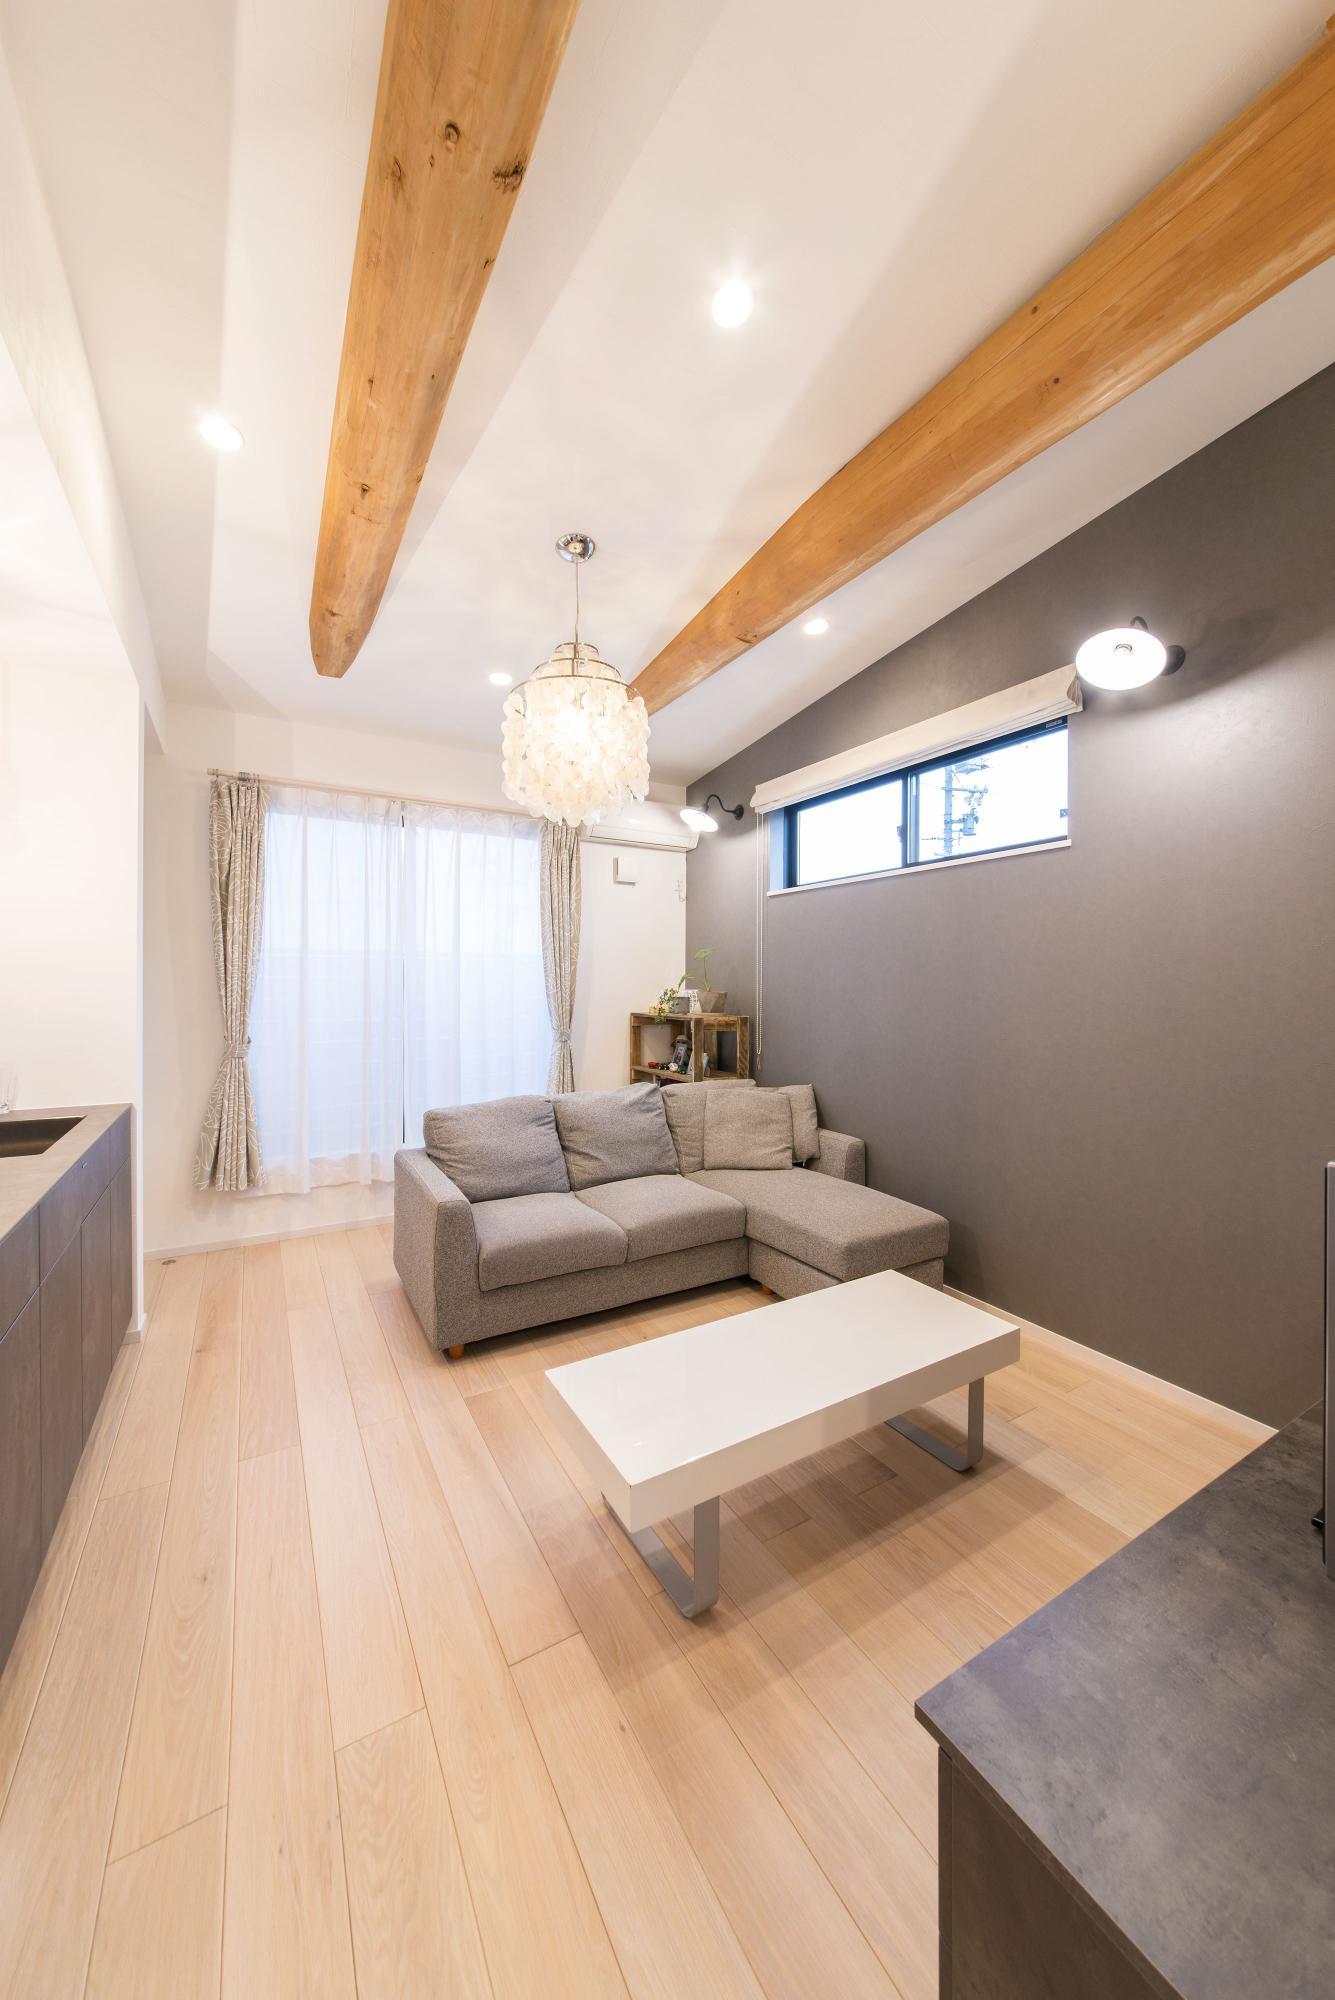 現地調査の際に見つけた2本の松の梁を現わしにするために勾配天井に。床はなぐり調のオーク材を採用。ソファやテーブルは天井の梁や床、壁との配色のバランスを考えながらセレクトしている。